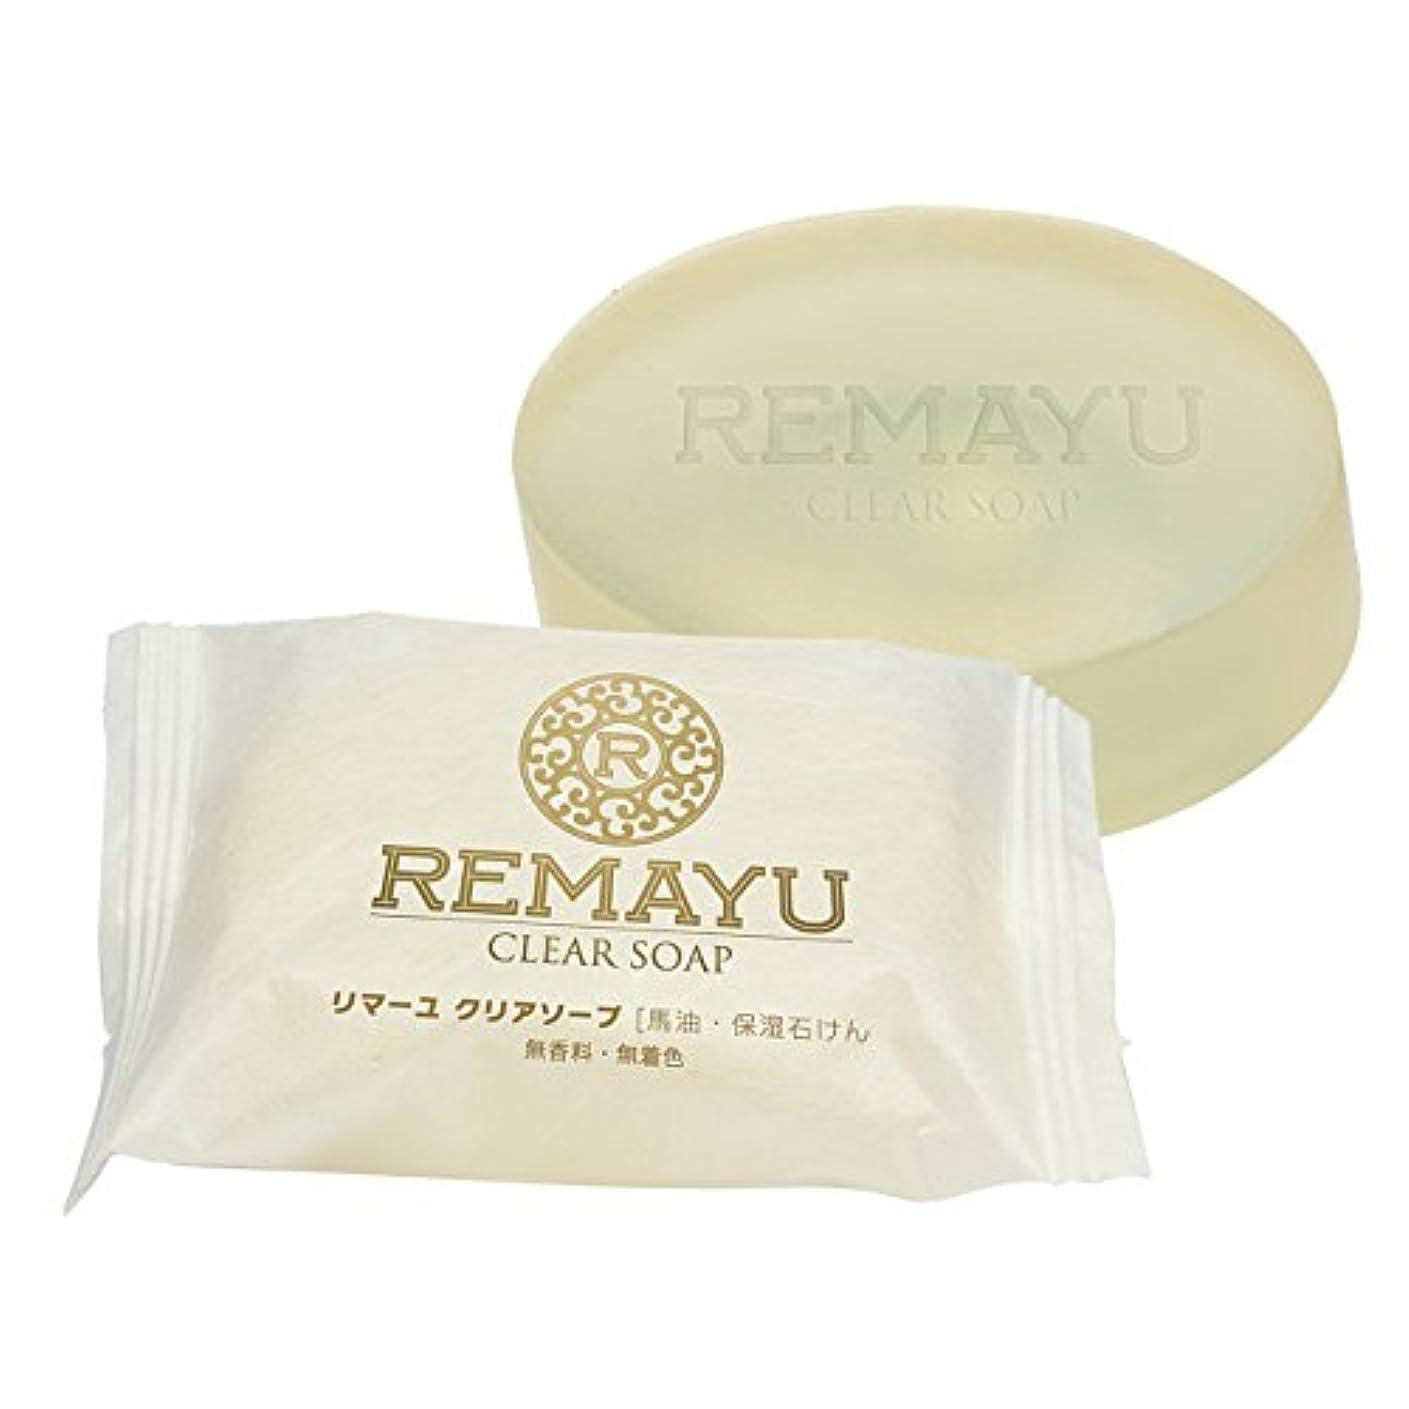 リフレッシュ気候の山広げるリマーユ クリアソープ 90g 馬油 リバテープ製薬 日本製 ばゆ石鹸 ばゆ洗顔